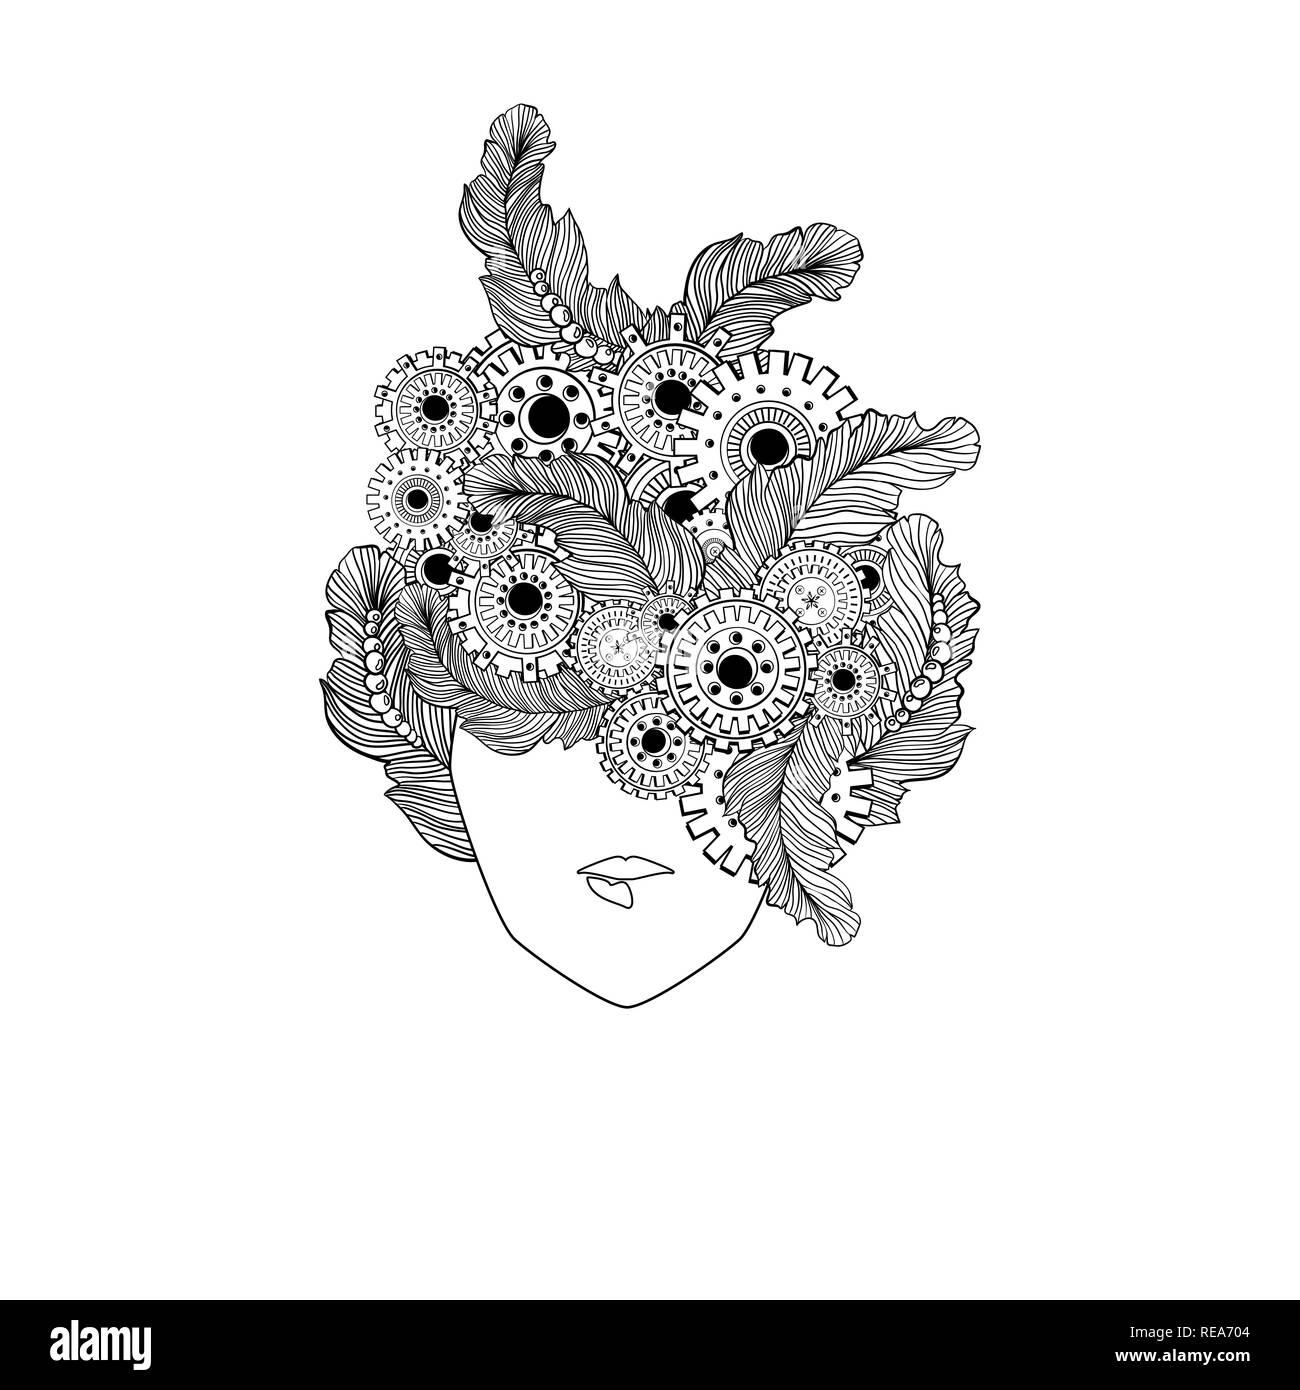 Coloriage Anti Stress Visage.Concept Line Art Avec Cheveux Mesdames Stylise Avec Des